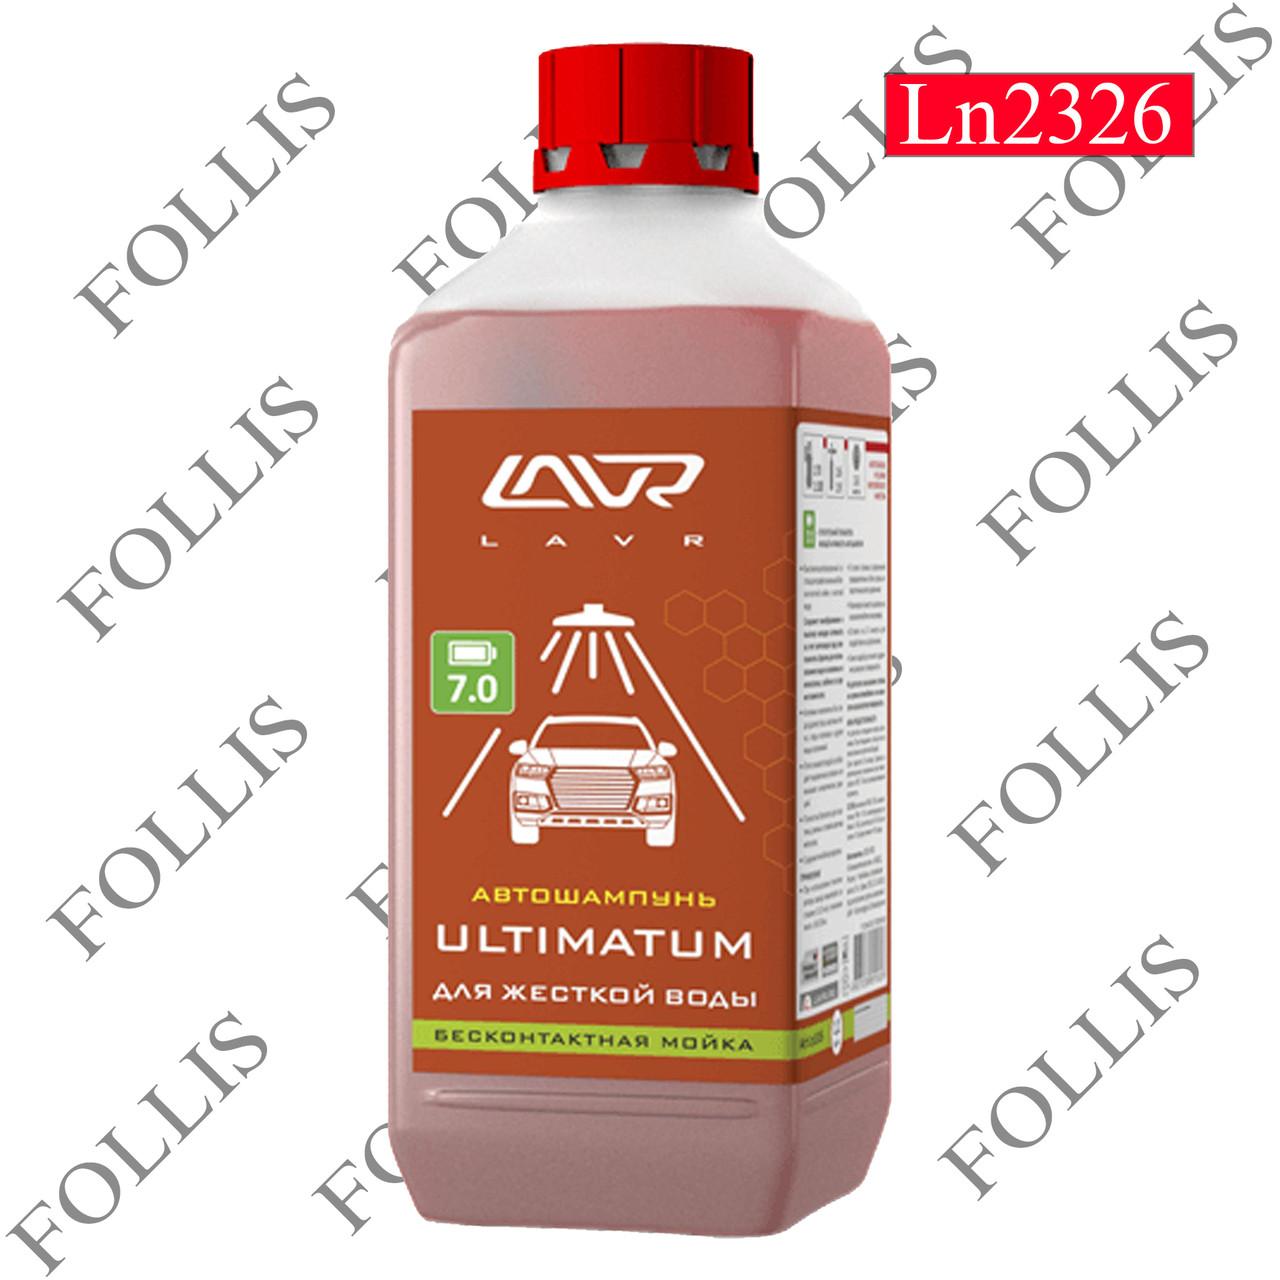 """Автошампунь для бесконтактной мойки """"ULTIMATUM"""" для жесткой воды 7.0 (1:70-100) Auto Shampoo ULTIMAT"""